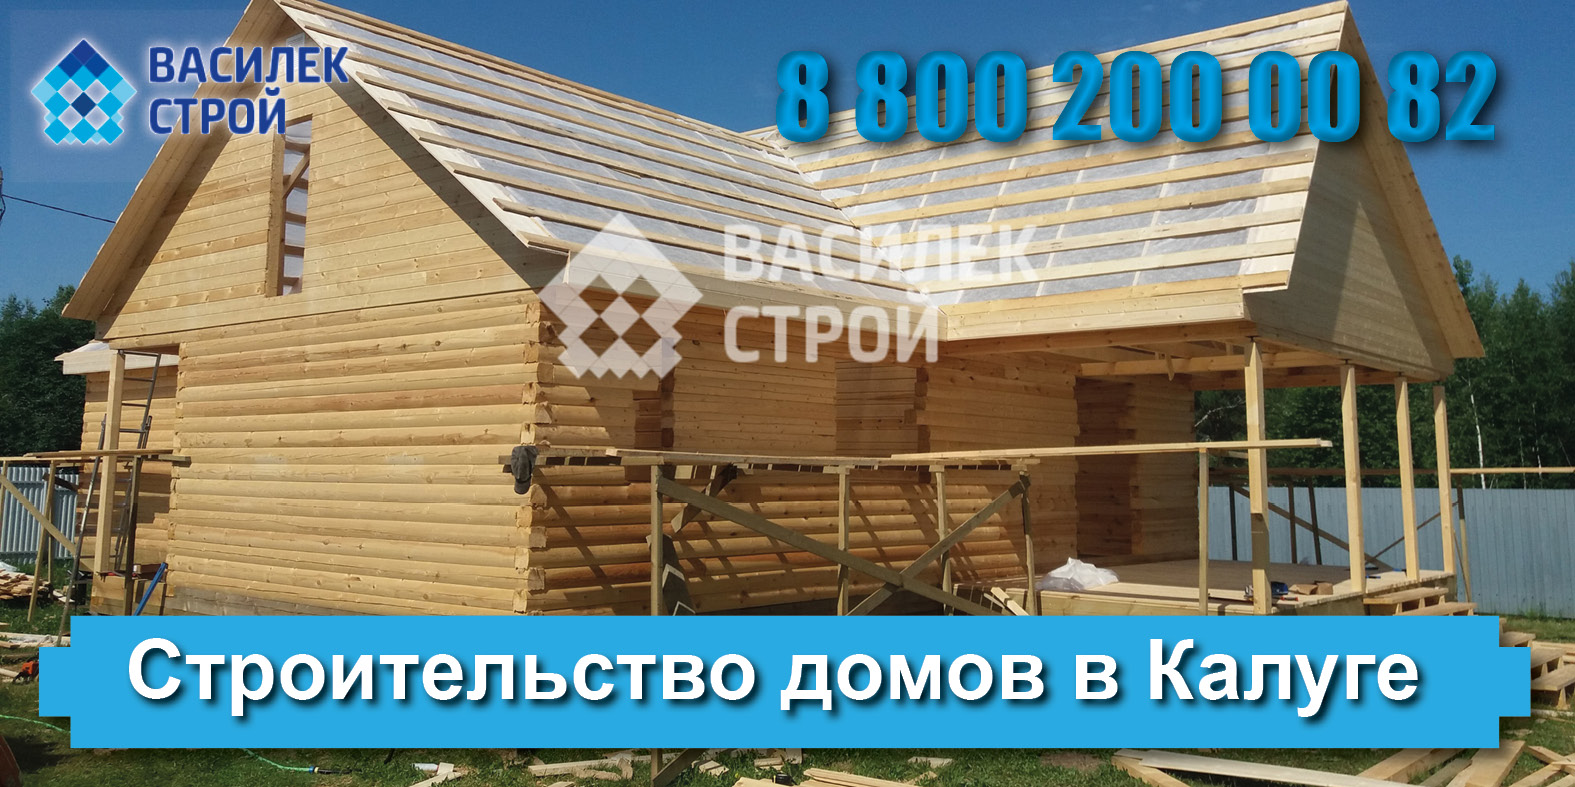 Строительство домов в Калуге